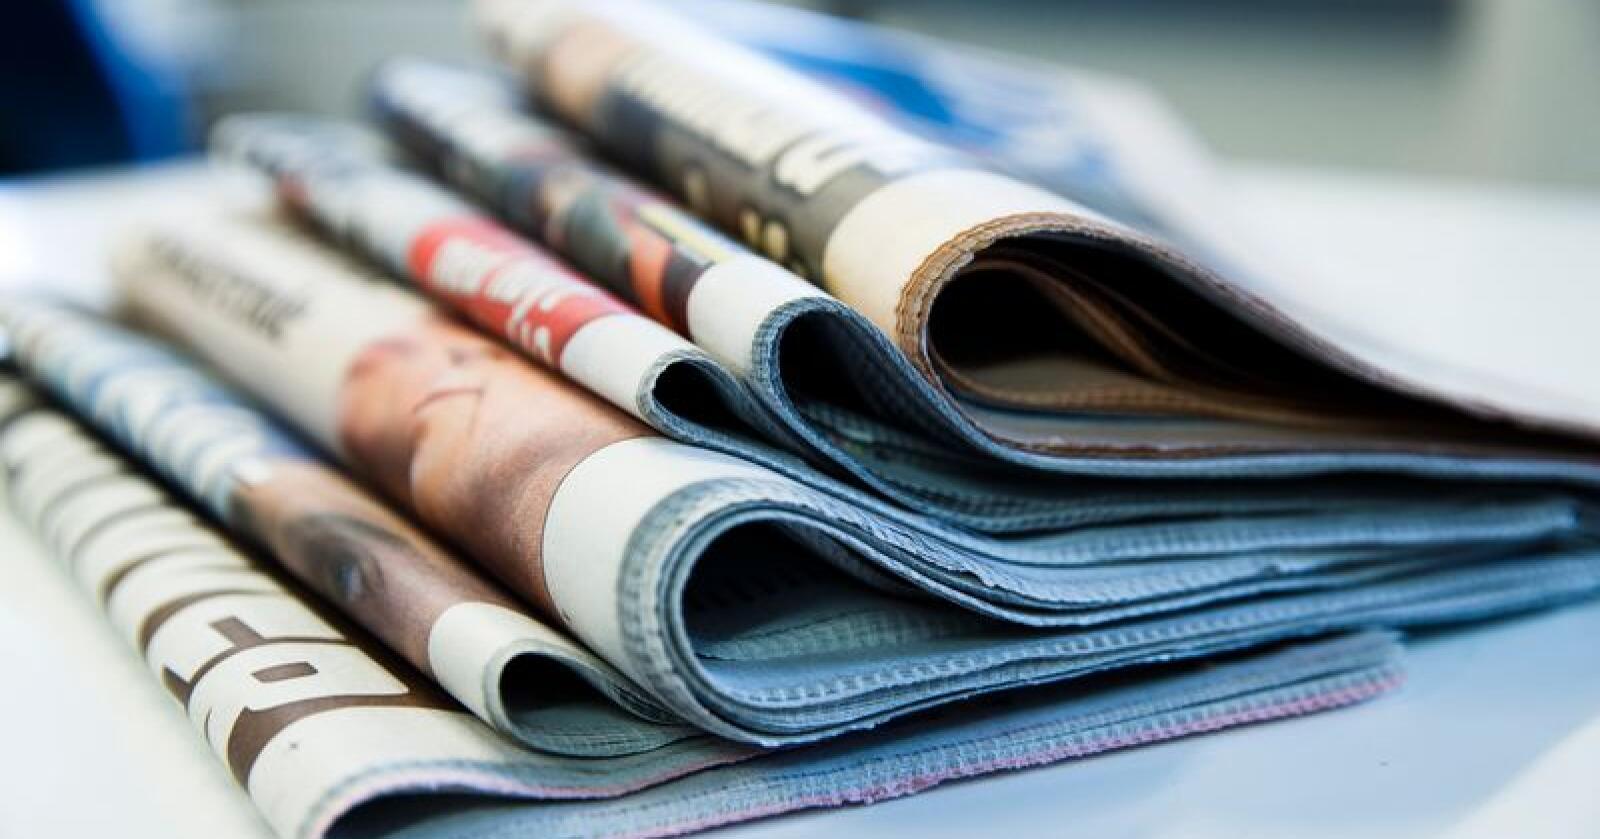 Papiravisen er fremdeles den viktigste inntektskilden for norske avishus. Foto: Berit Roald / NTB scanpix